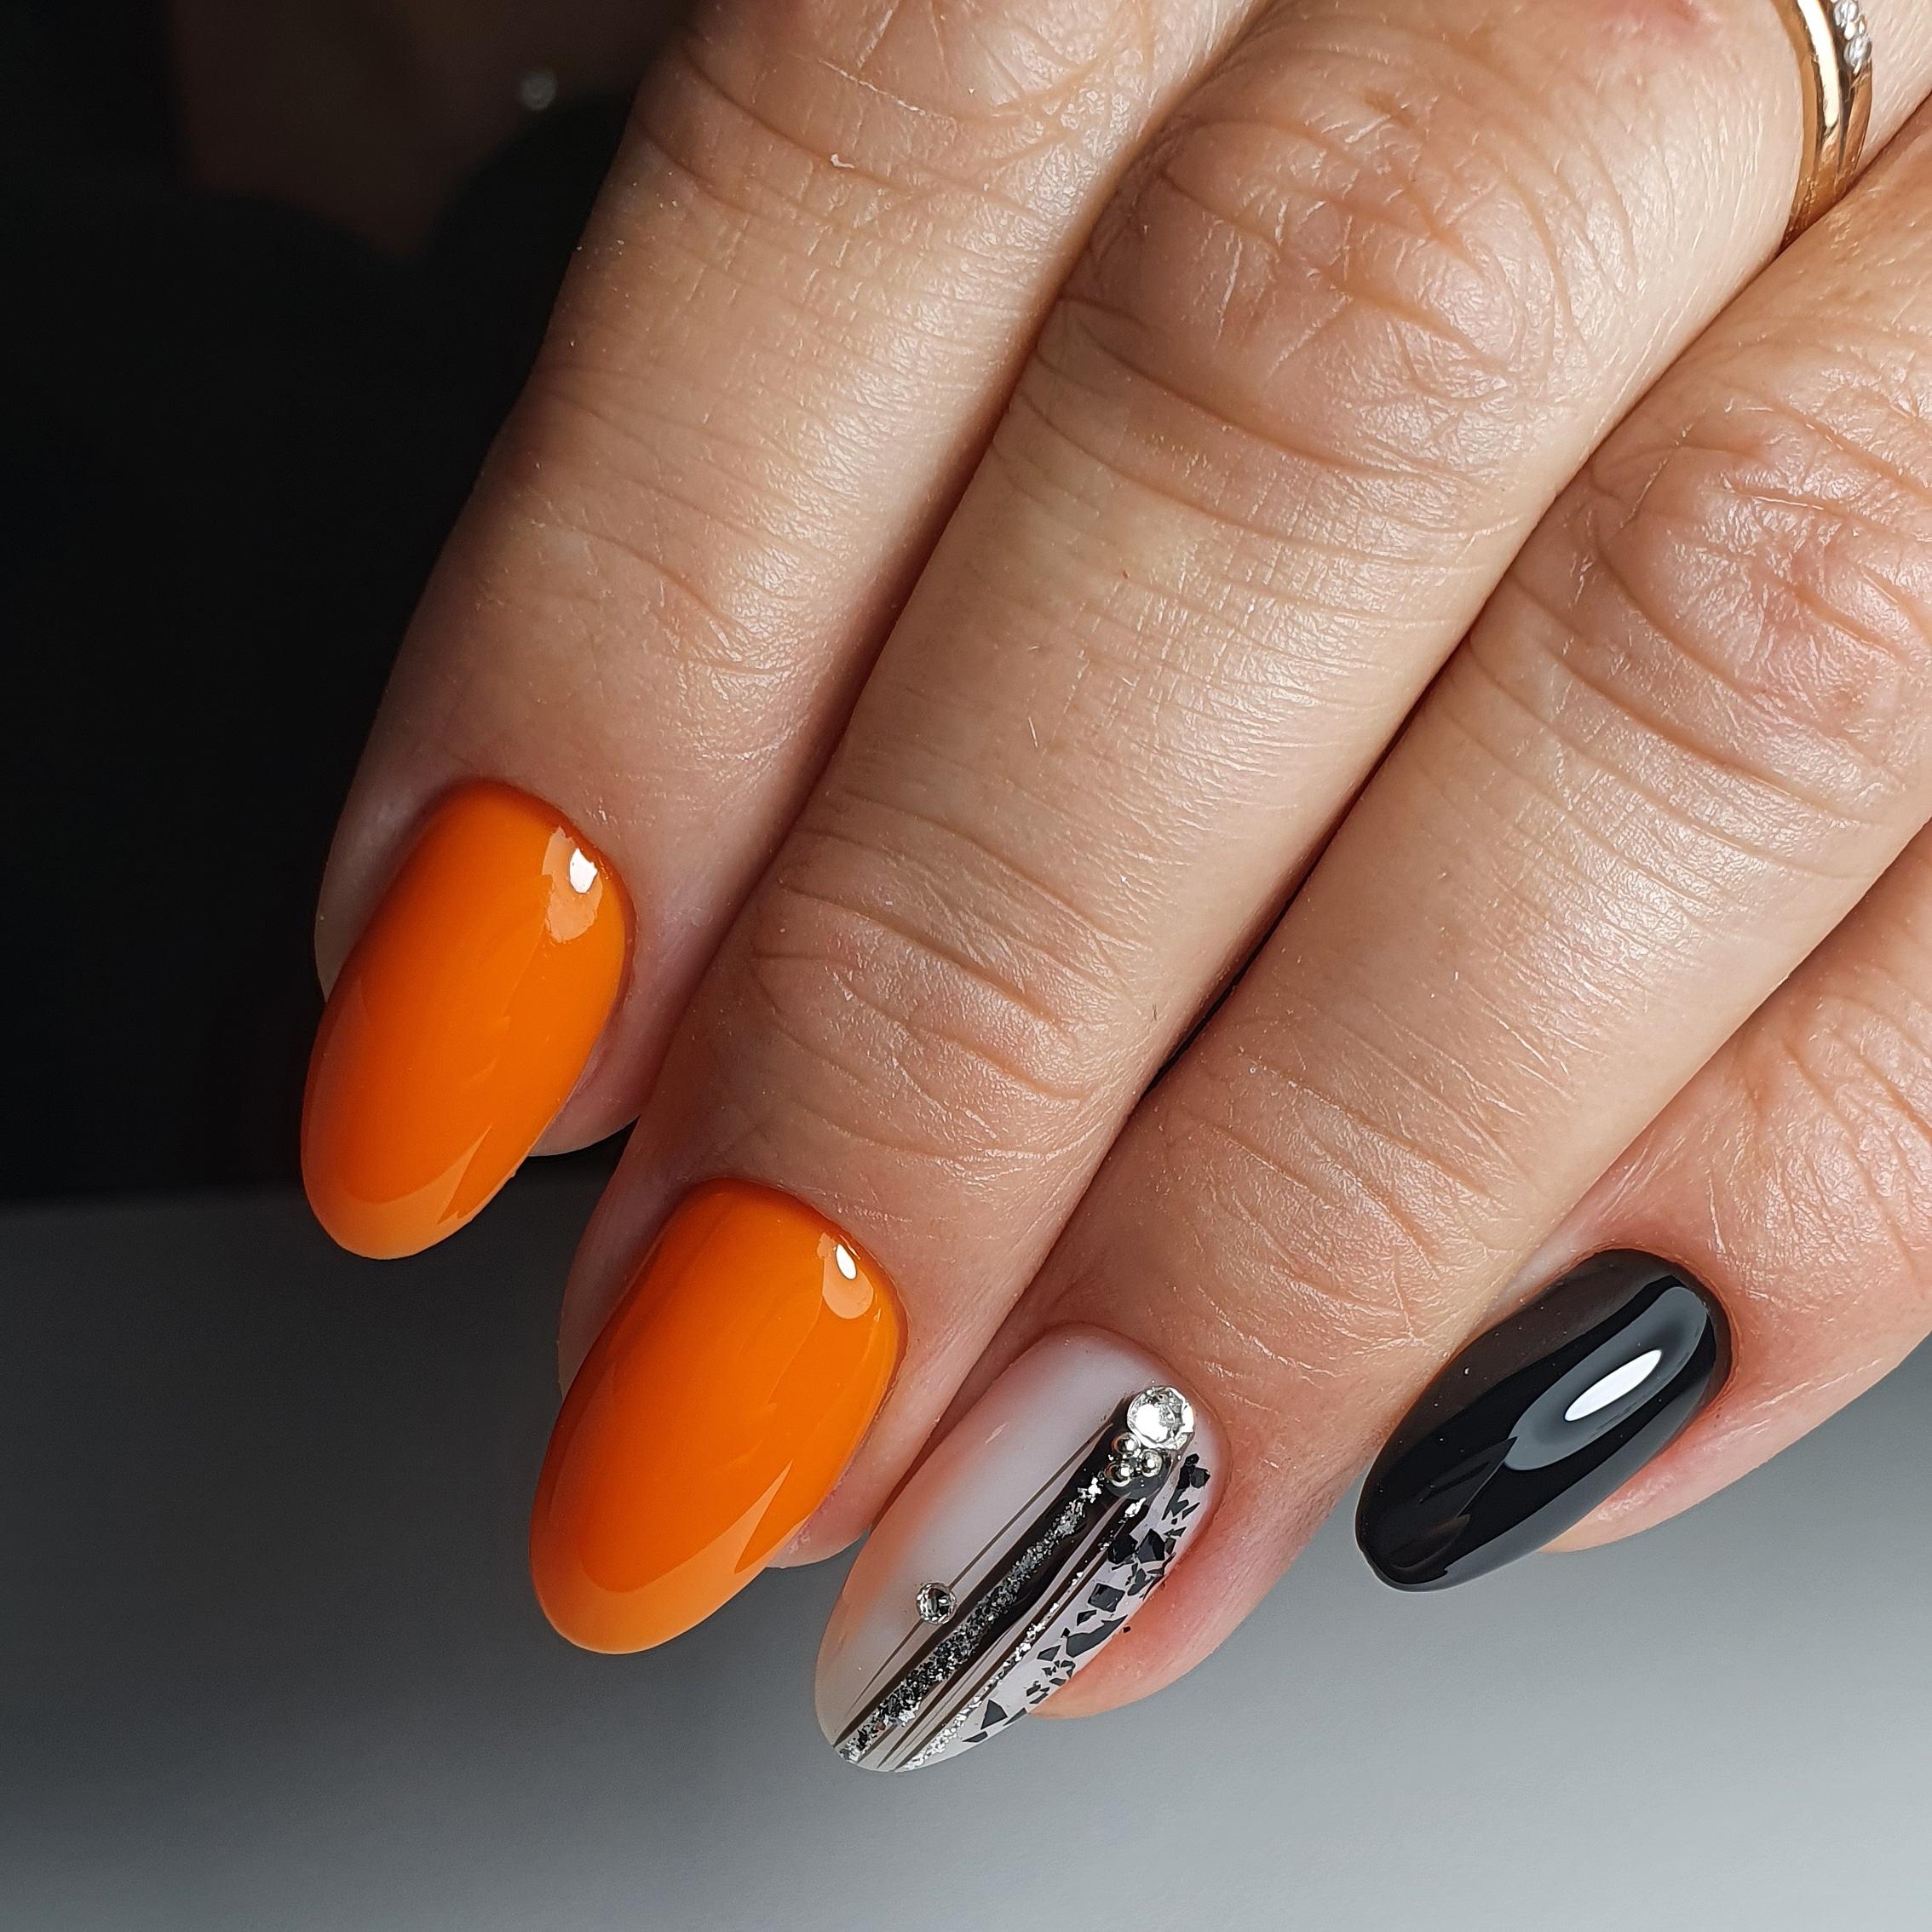 Маникюр с паутинкой и блестками в оранжевом цвете на короткие ногти.